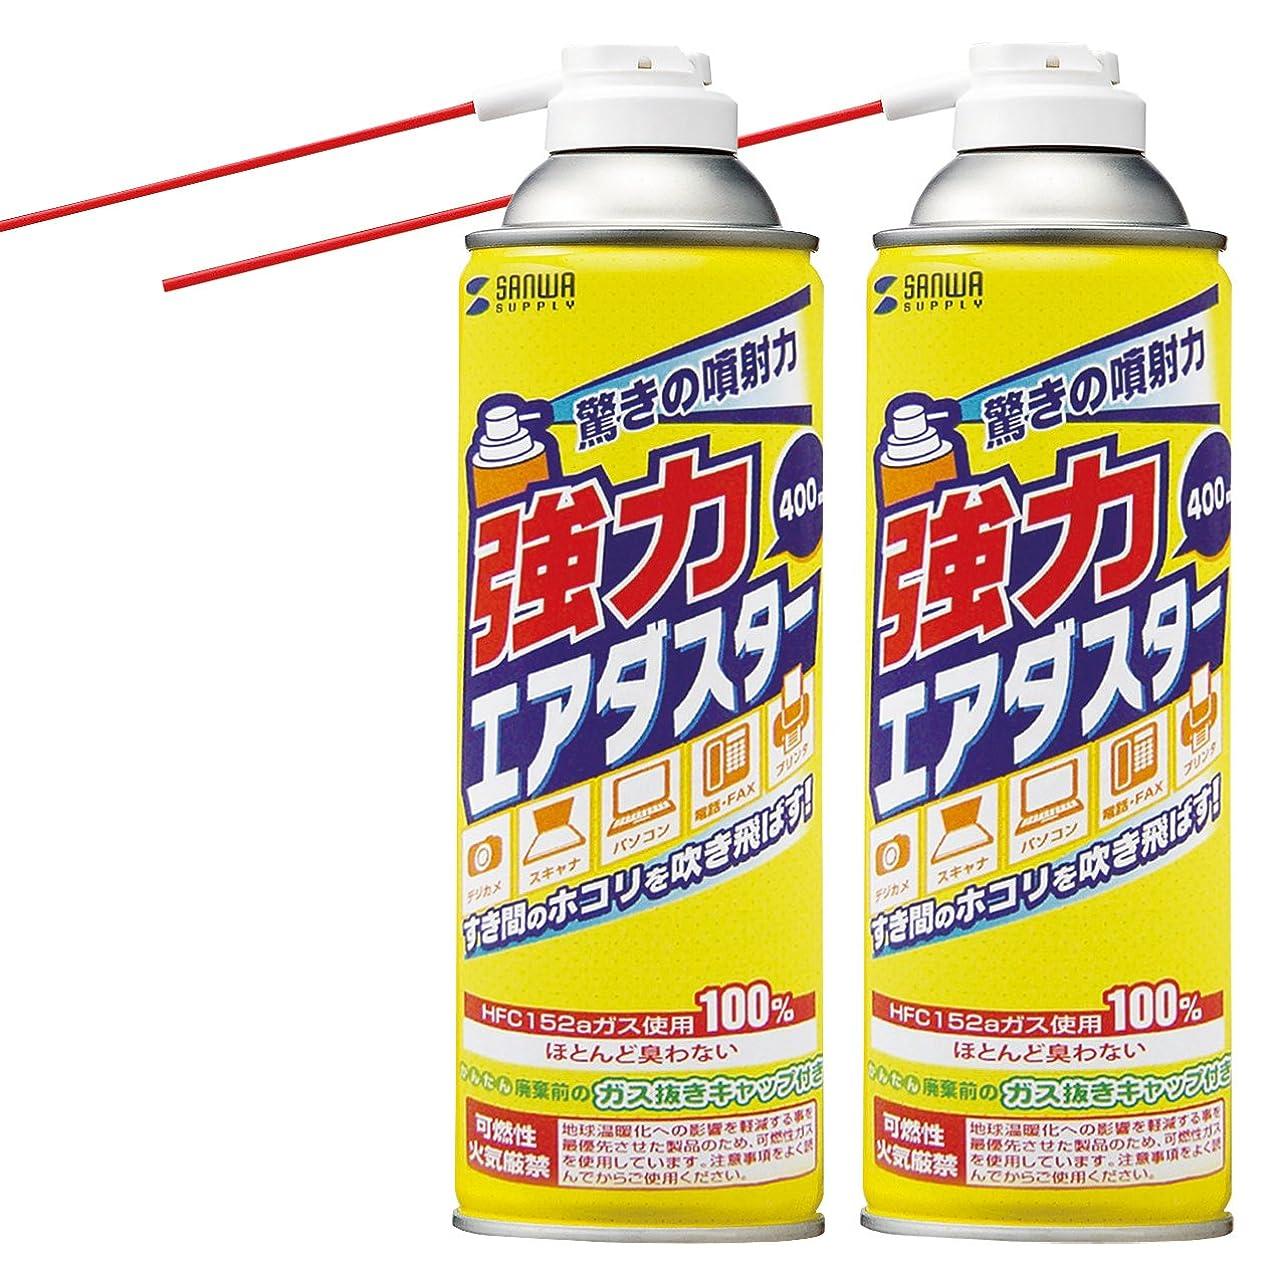 検出道を作る前にナカバヤシ エアダスター 逆さ使用OK トリガータイプ カーボンオフセット付 ノンフロン 2本組 44942